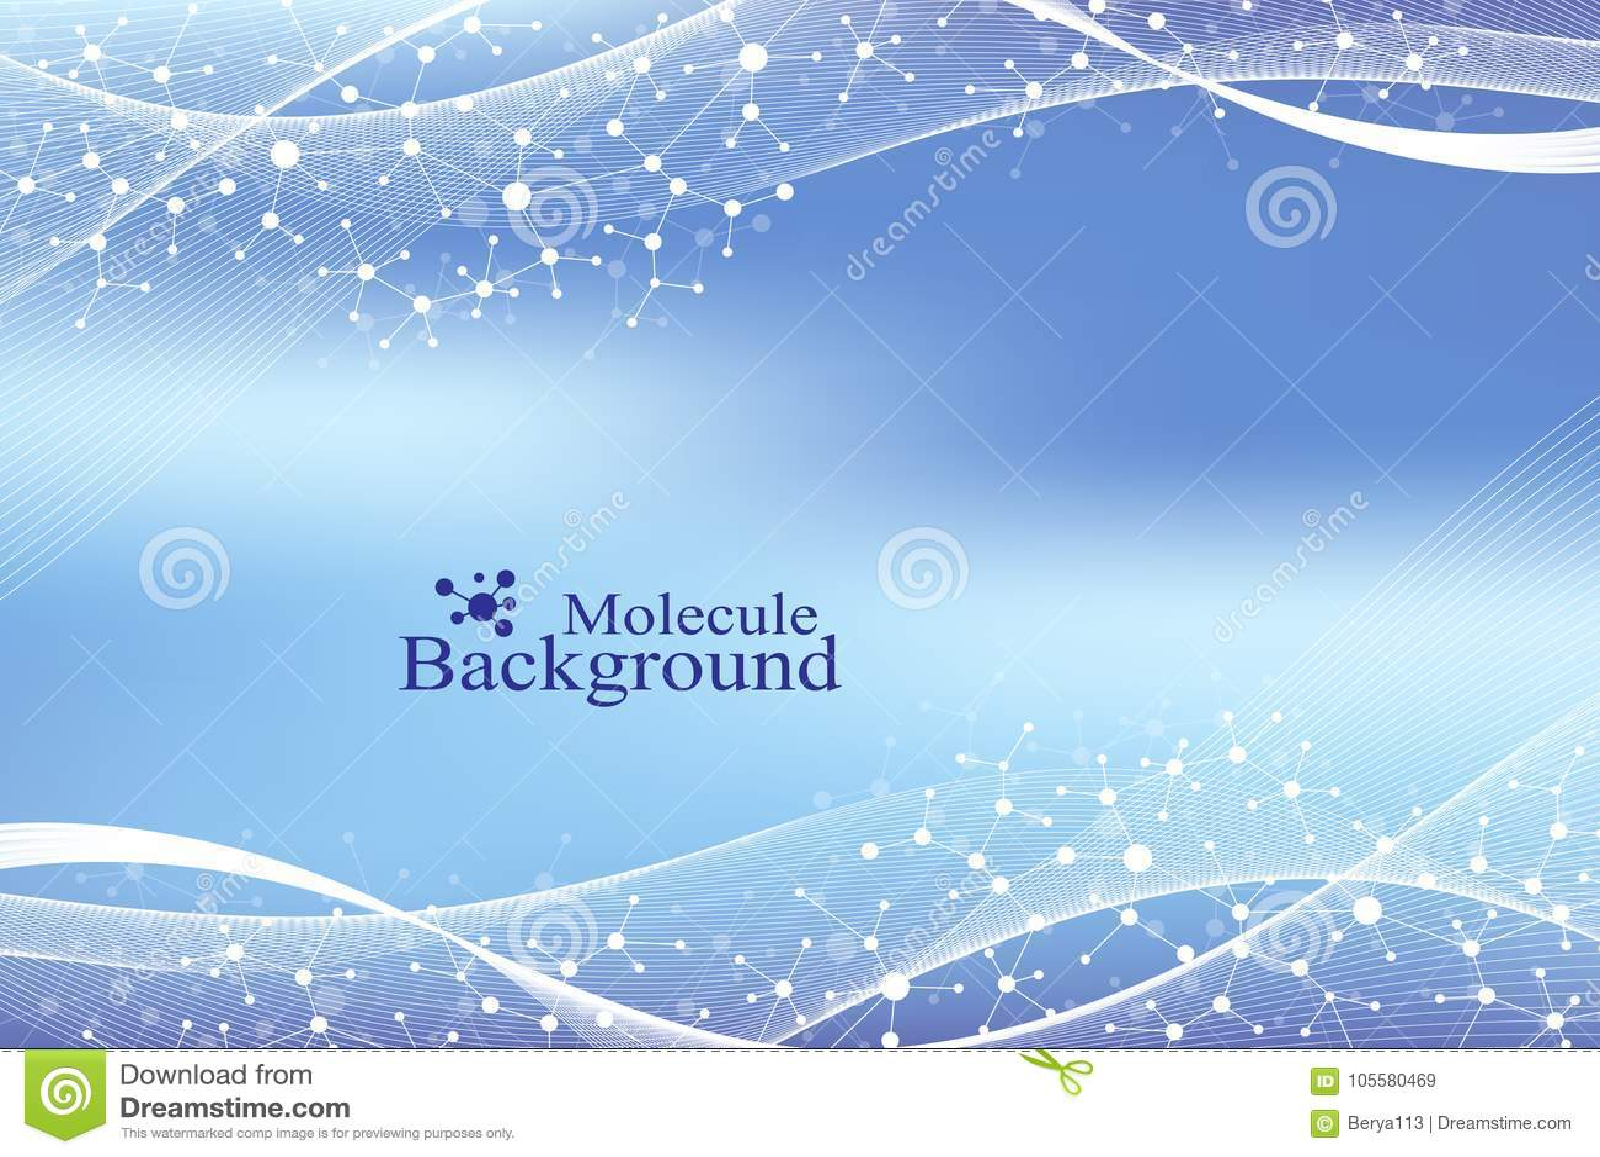 Nowożytny struktury molekuły DNA Atom Molekuły i komunikaci tło dla medycyny, nauka, technologia, chemia